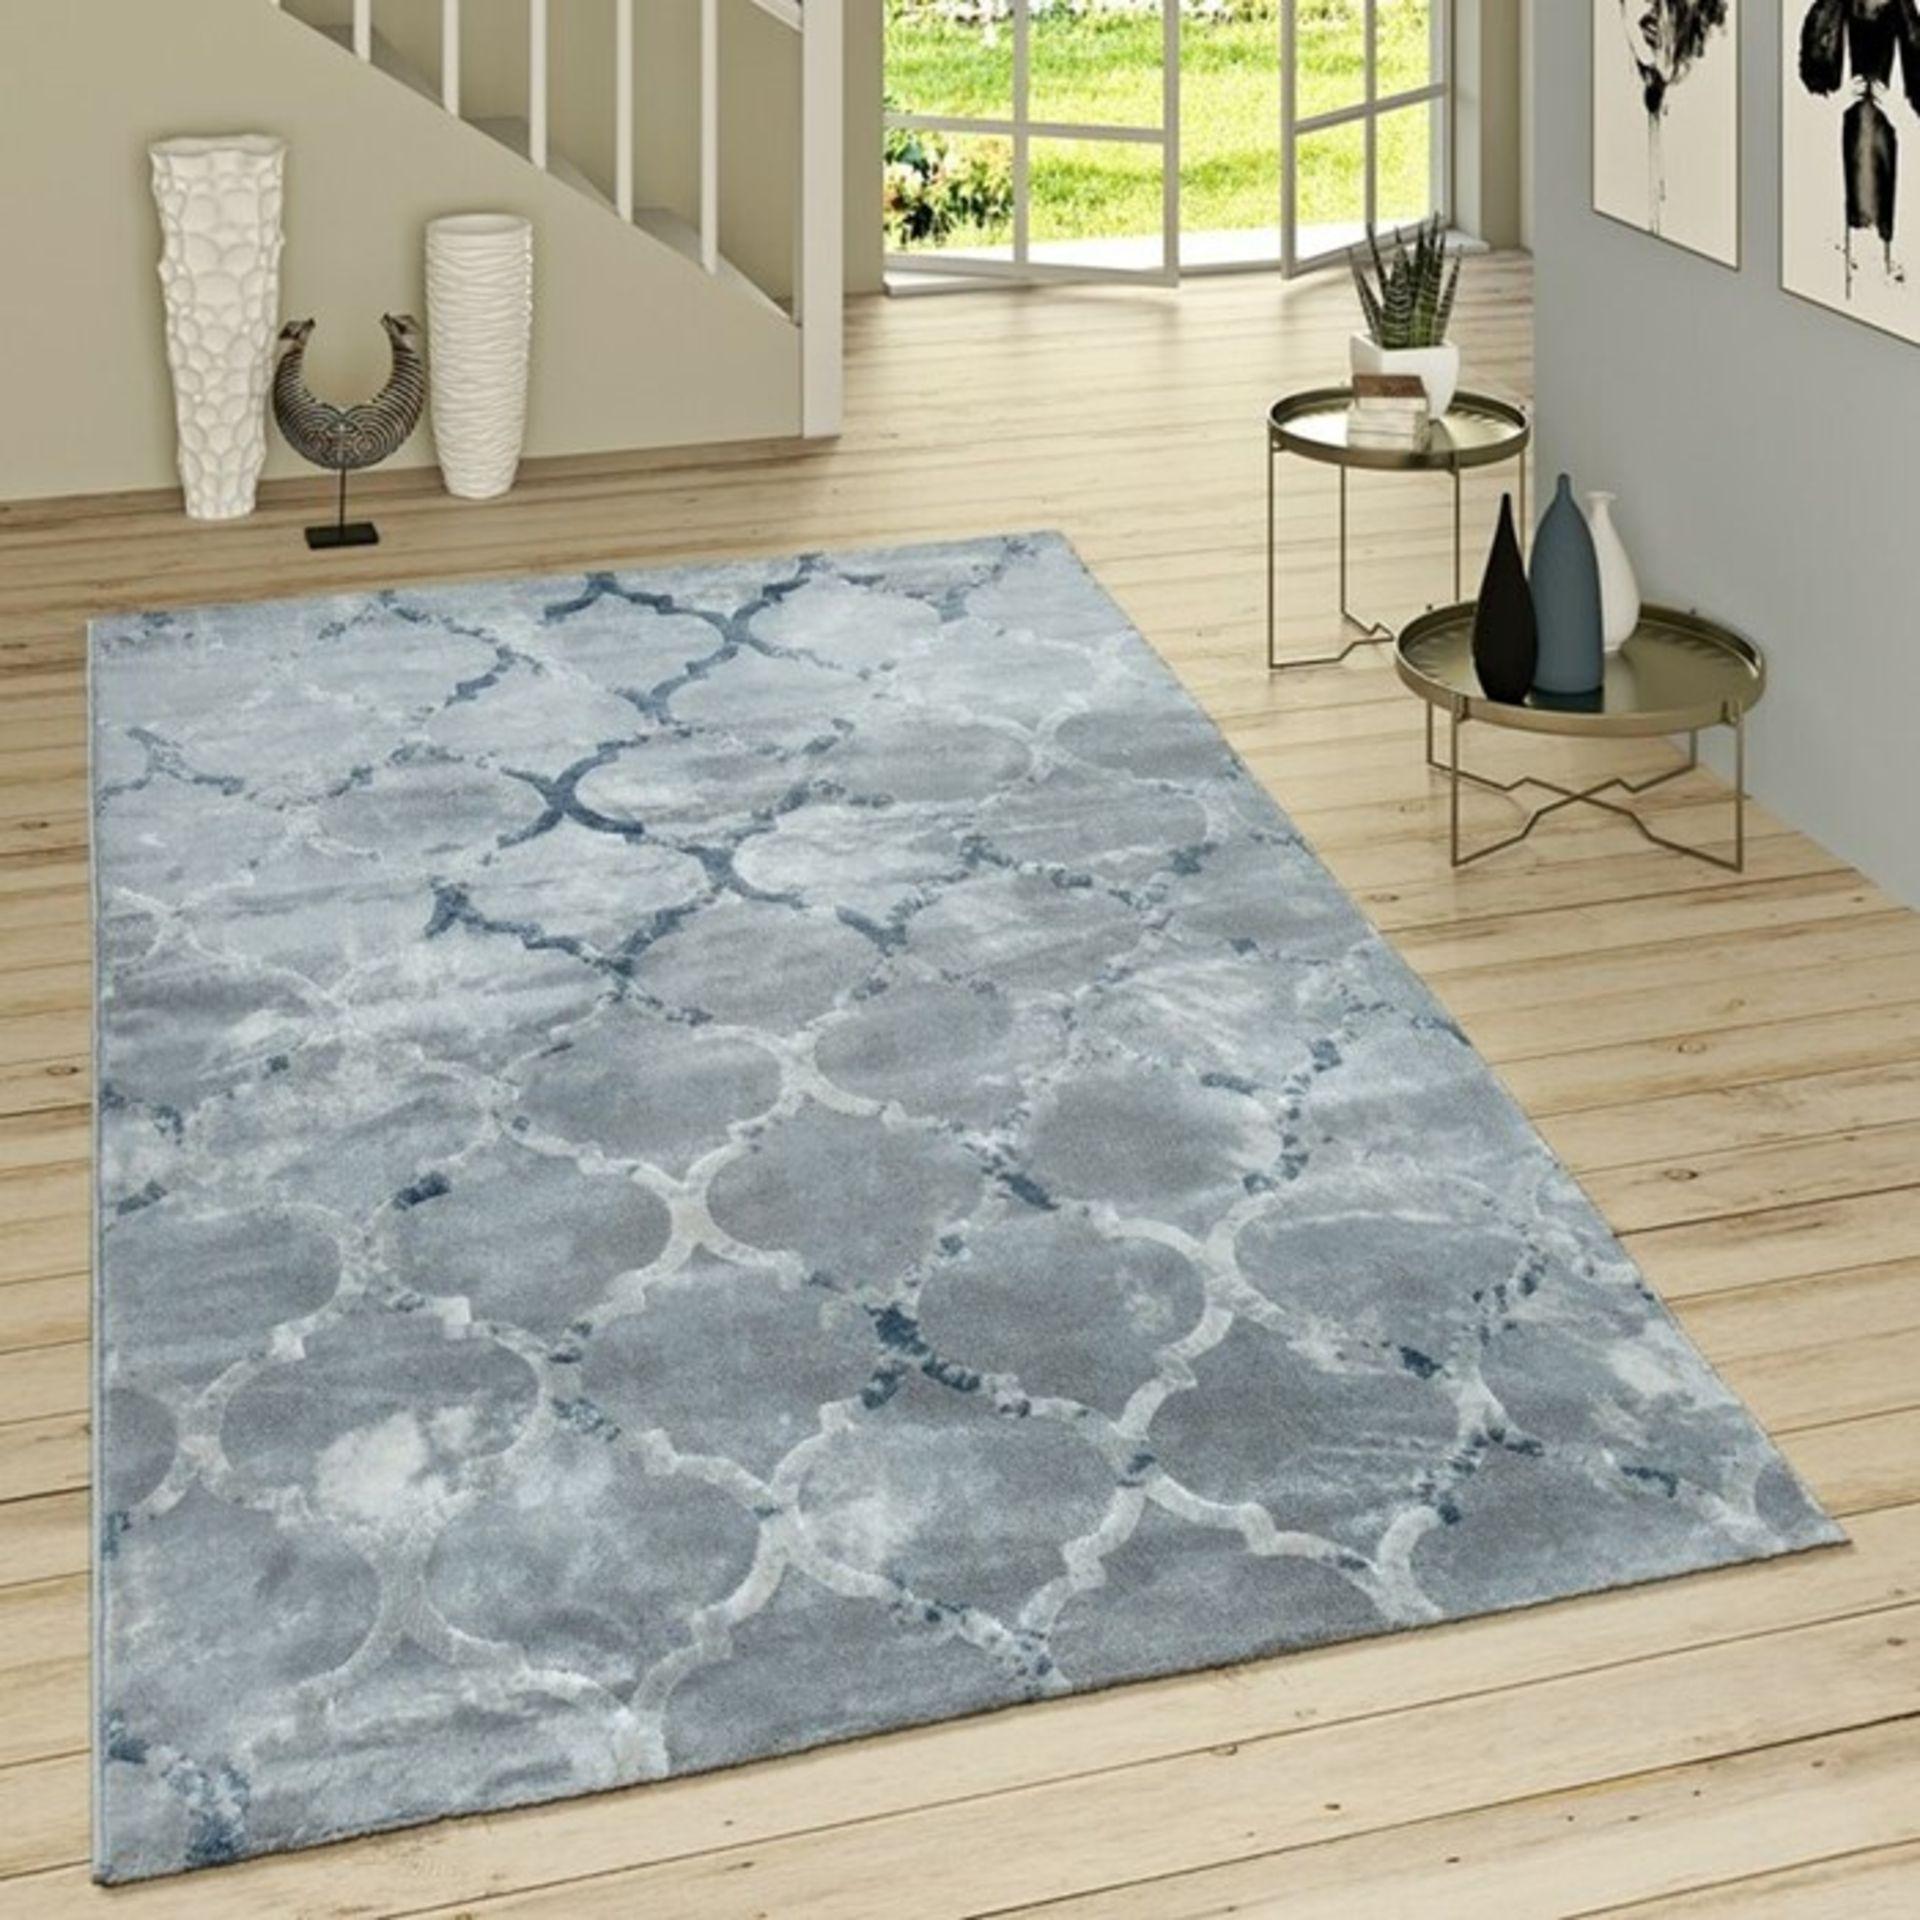 Longweave,Deeter Flatweave Blue Rug - RRP £38.99 (120x170cm) (ALAS6487 -17633/14)